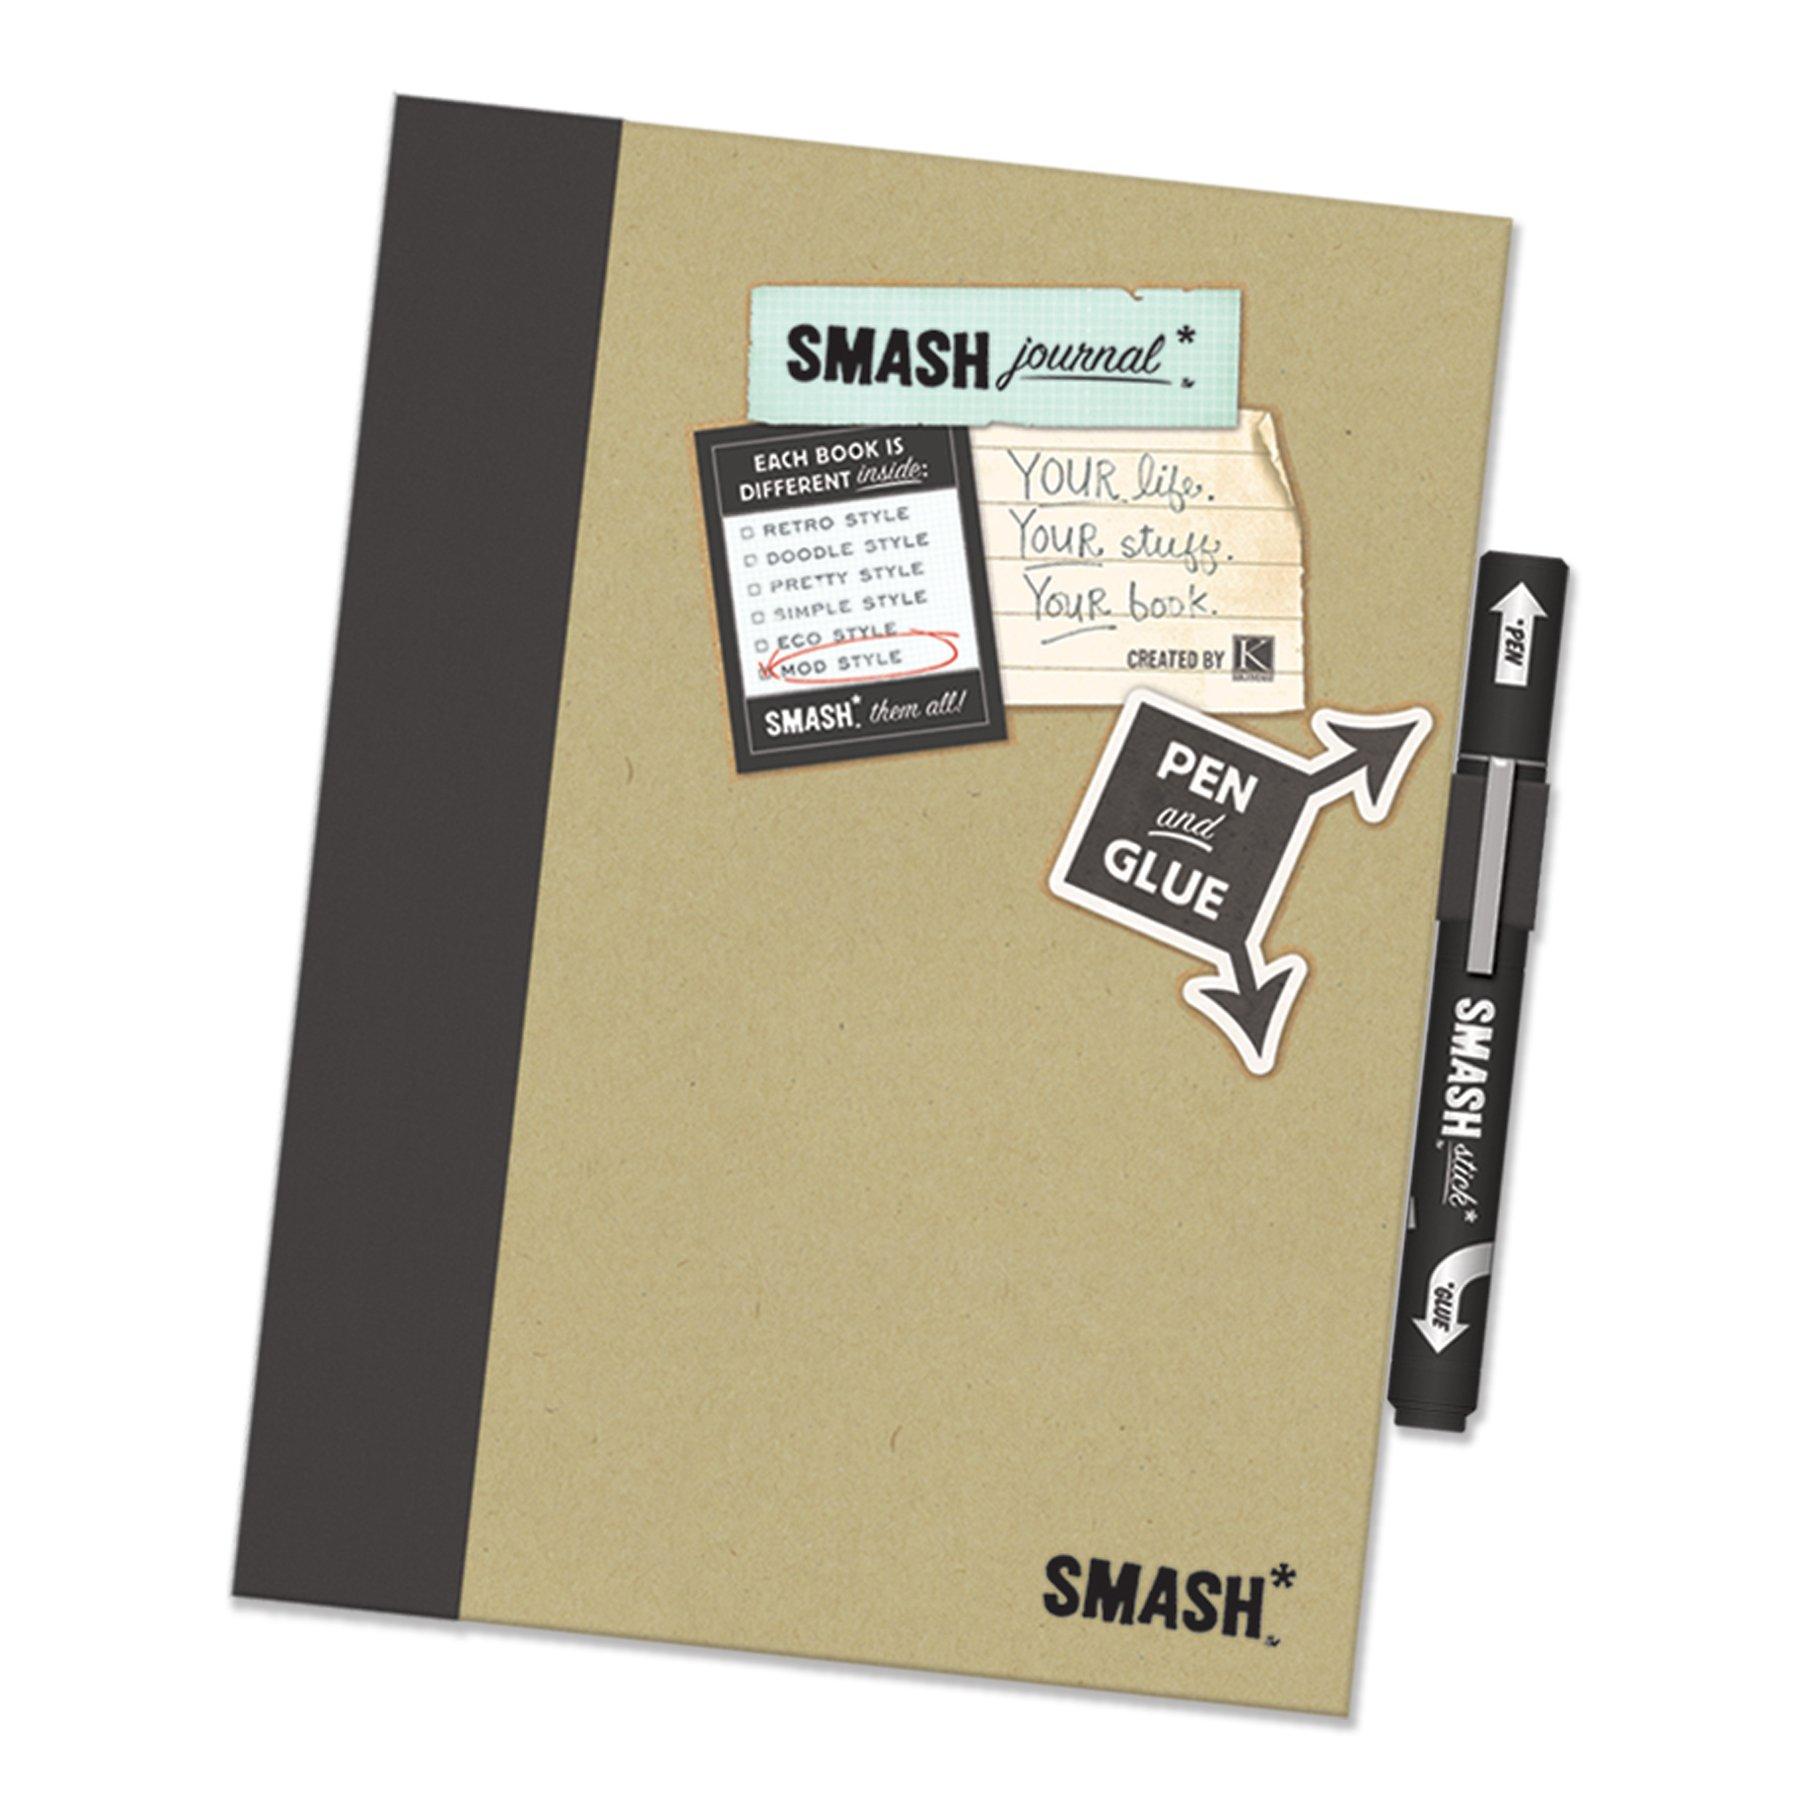 K and Company - SMASH Collection - Journal Book ... |Smash Folio Journal Kit